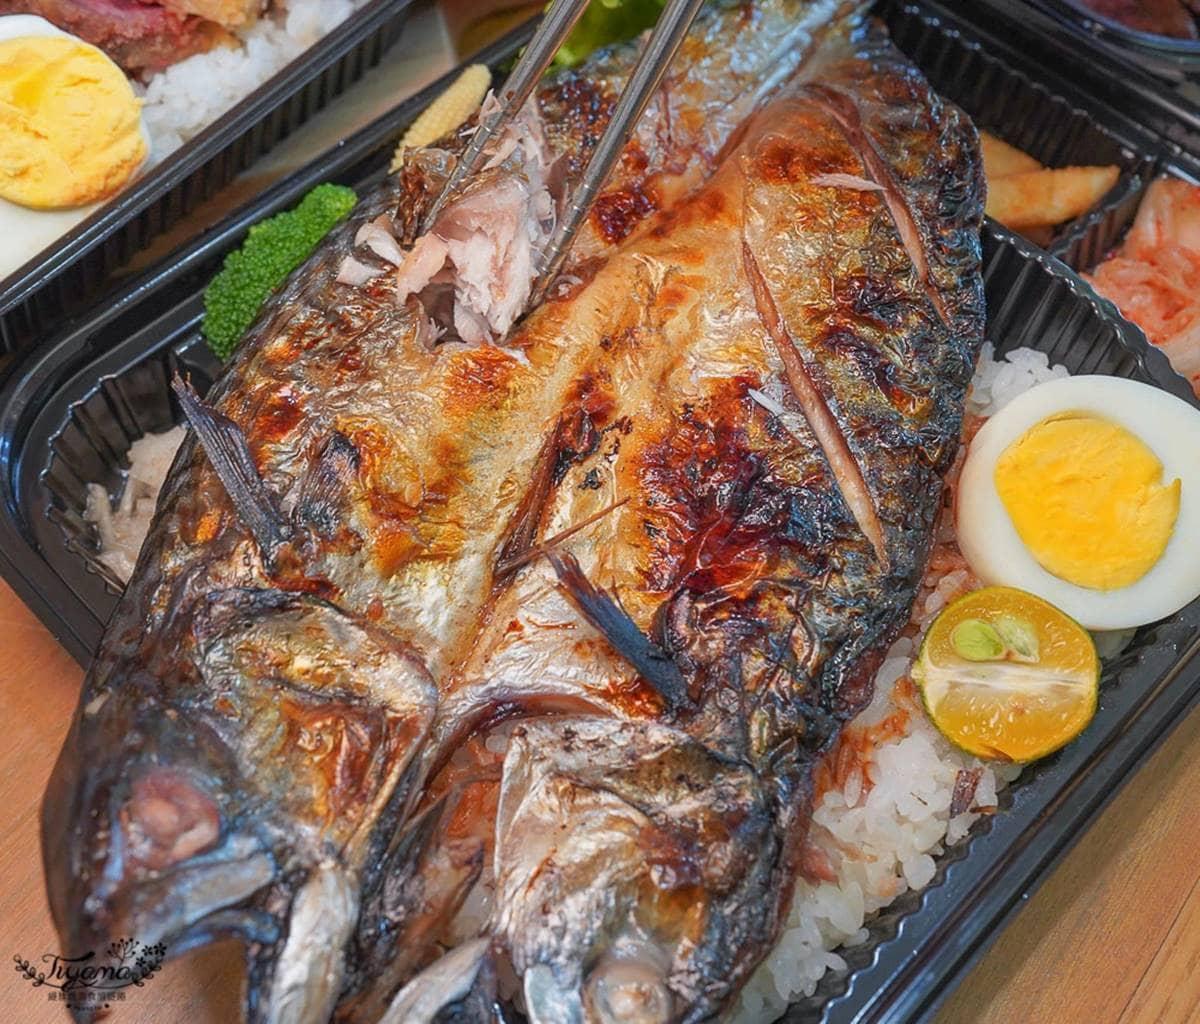 滿出來了!日式丼飯「鯖魚一夜干」比便當盒還大,爆量粉嫩「炸牛排」只要218元